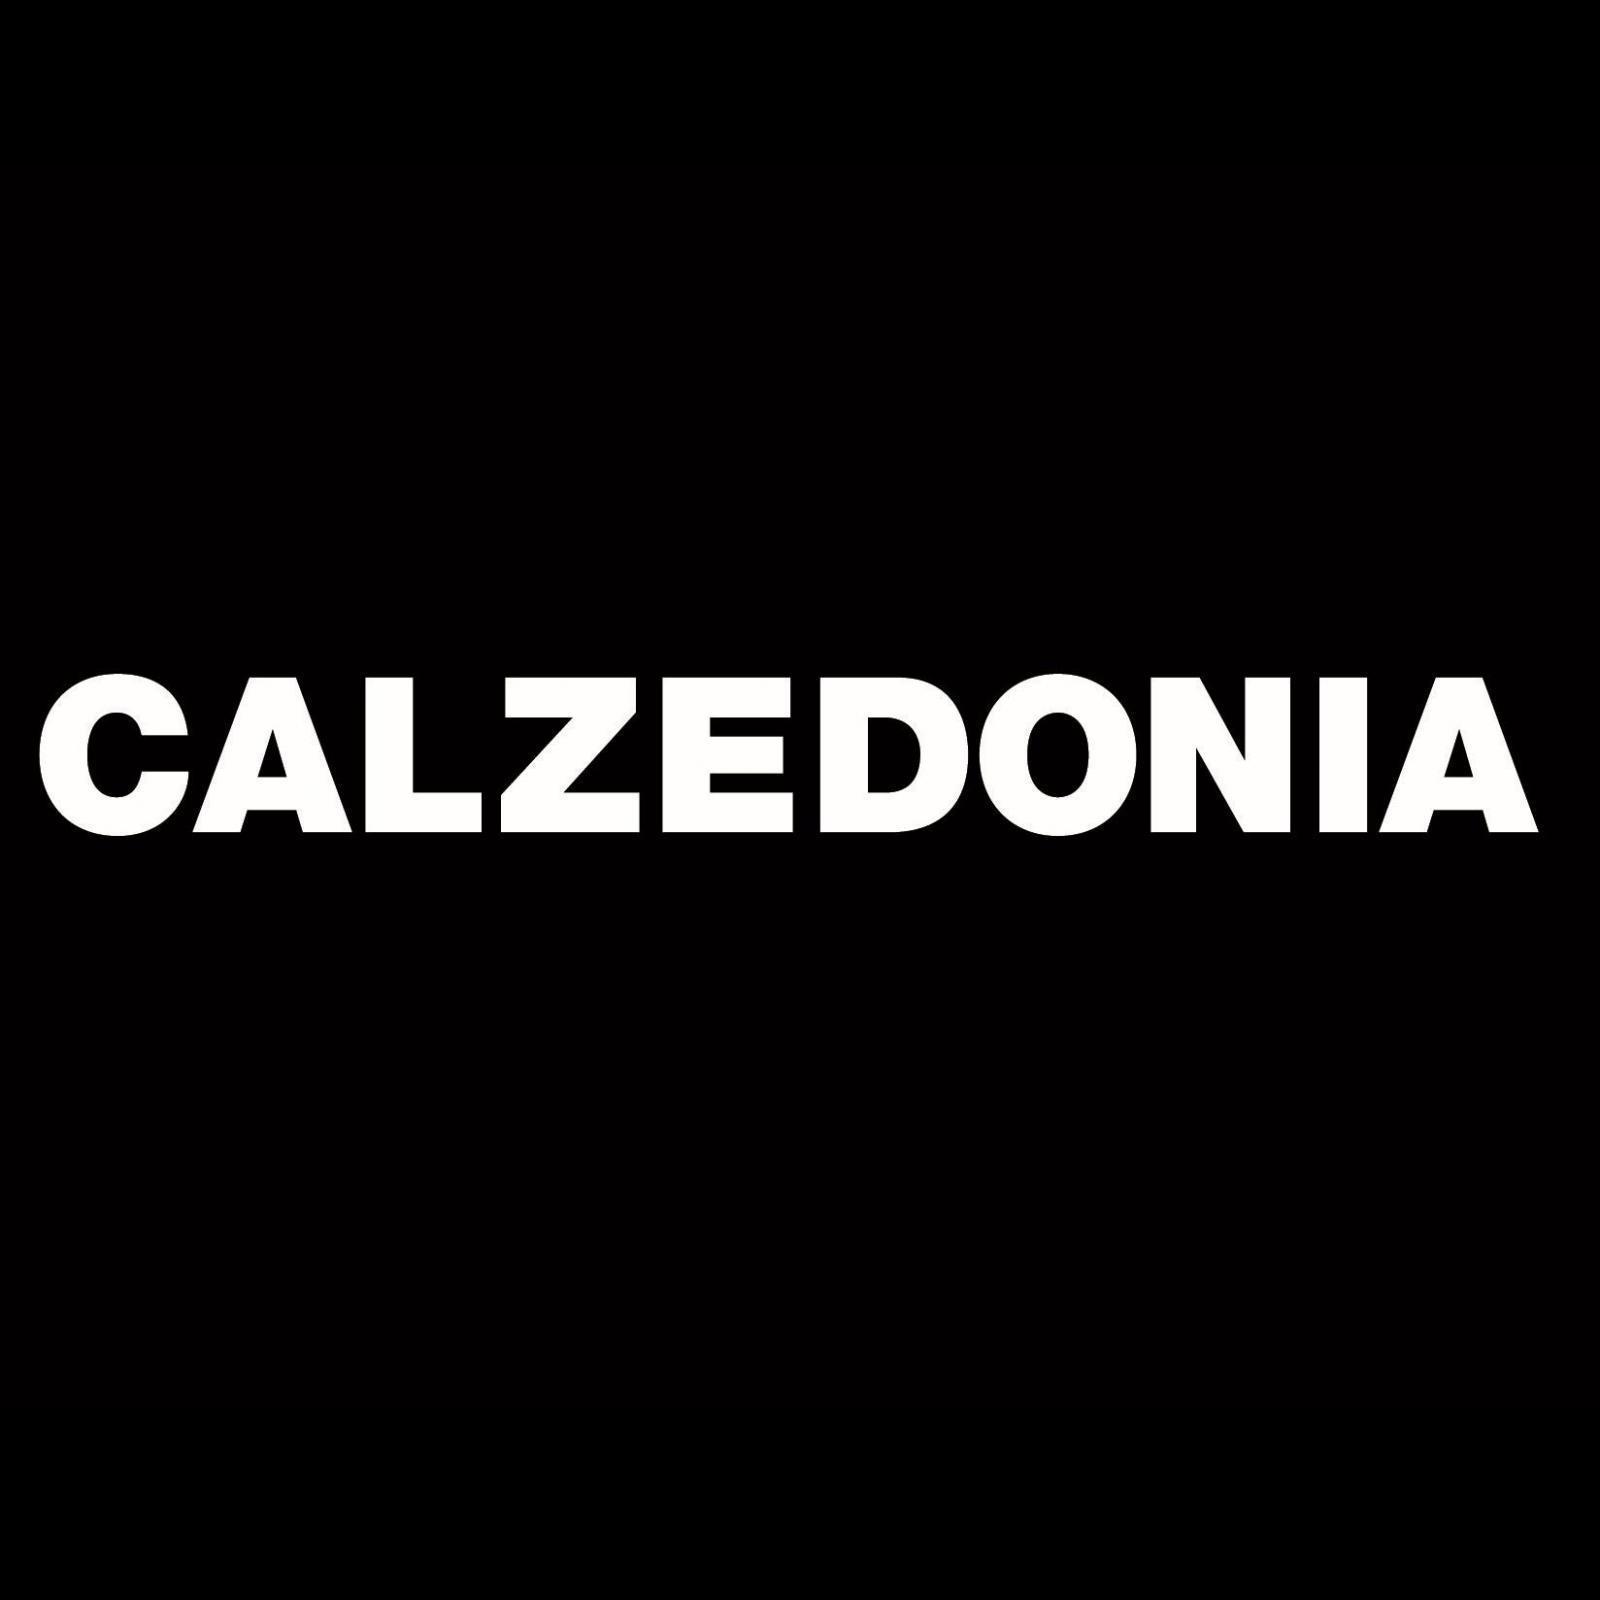 calzedonia.jpg